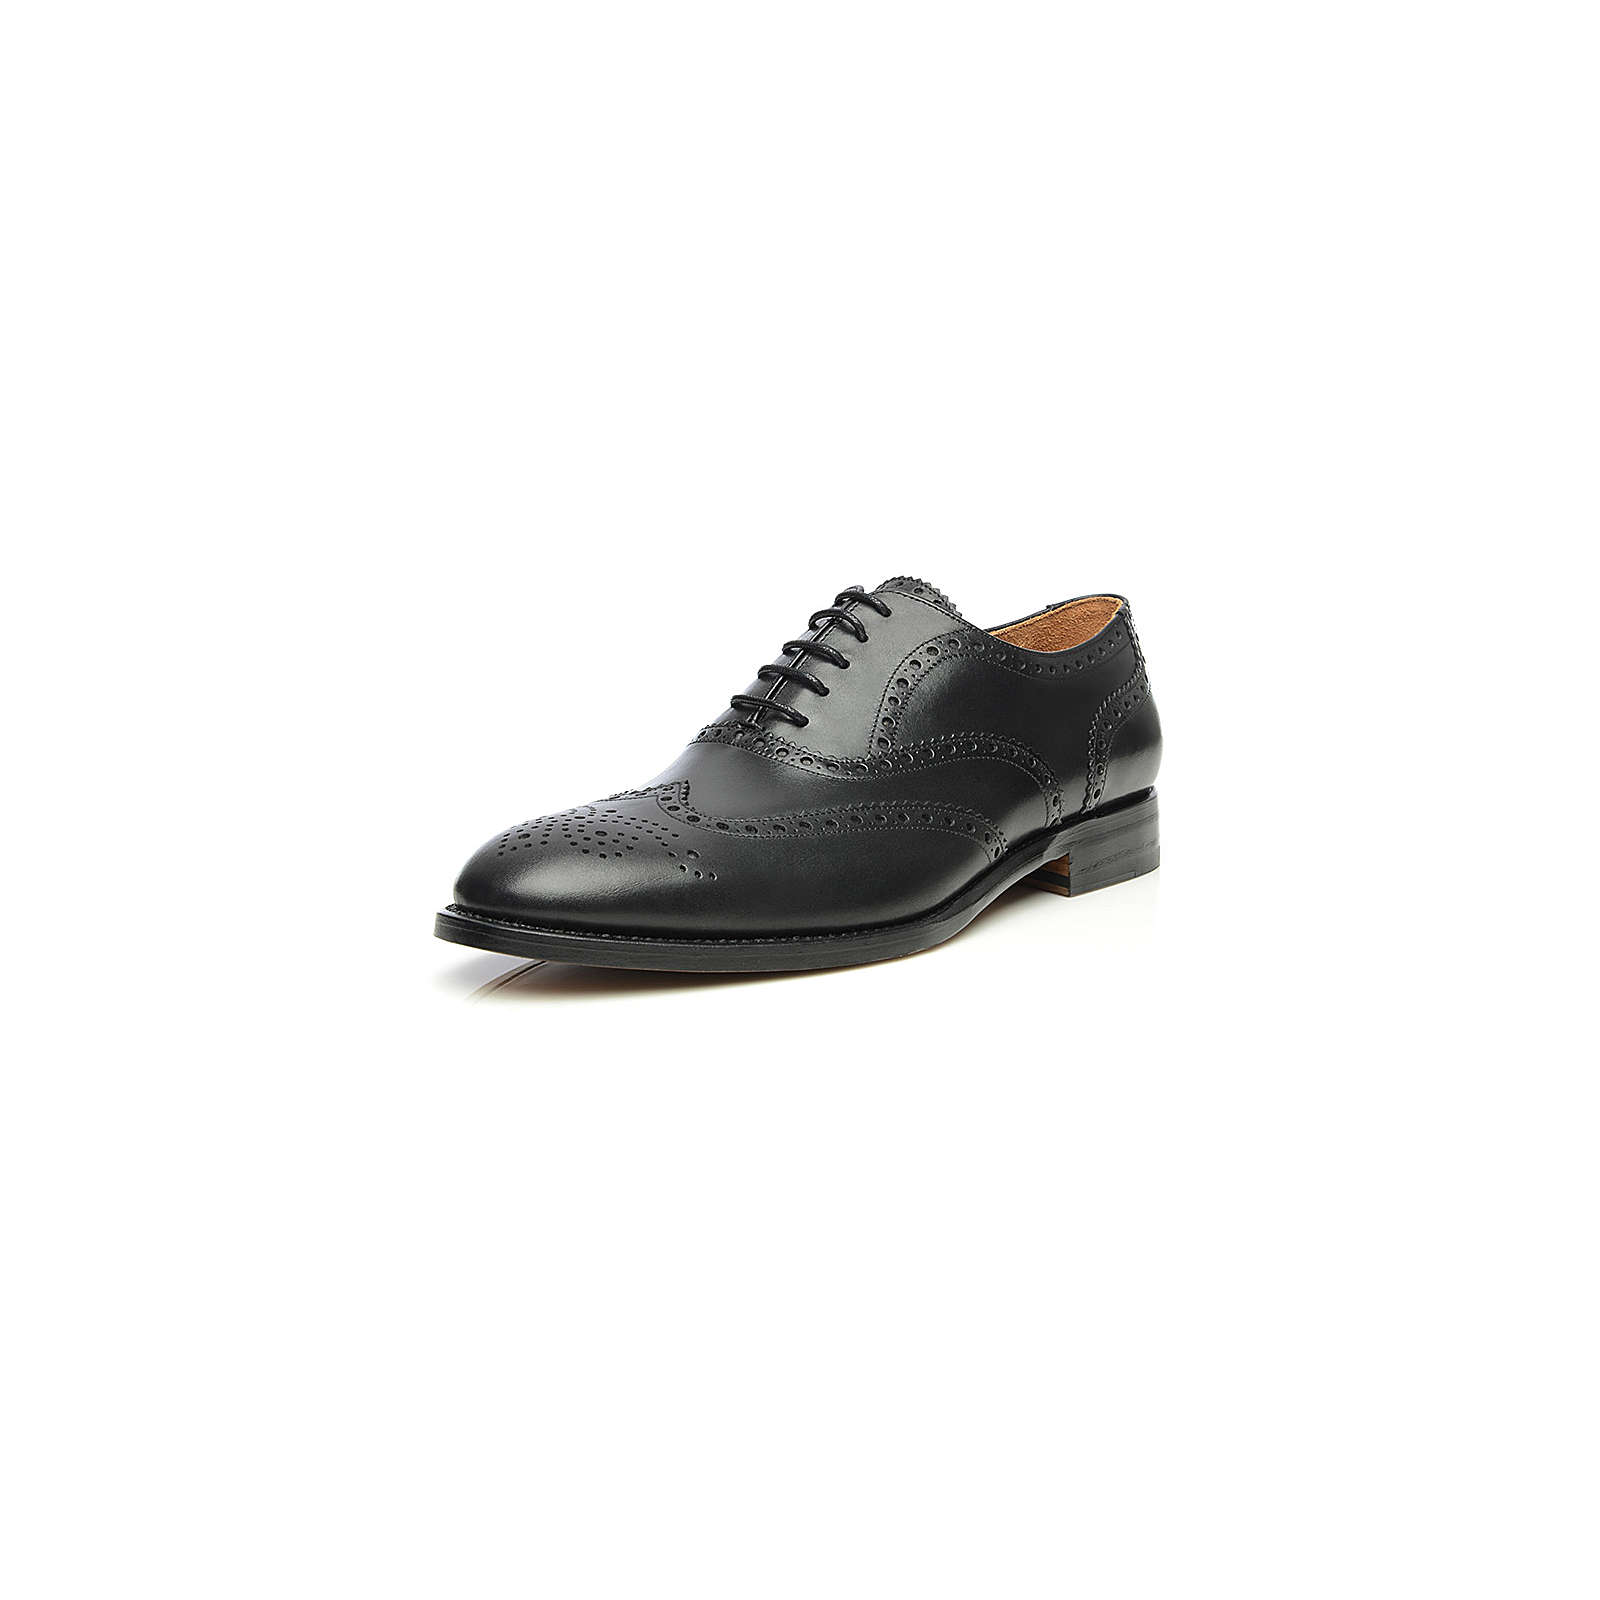 SHOEPASSION No. 560 Business Schuhe schwarz Herren Gr. 46